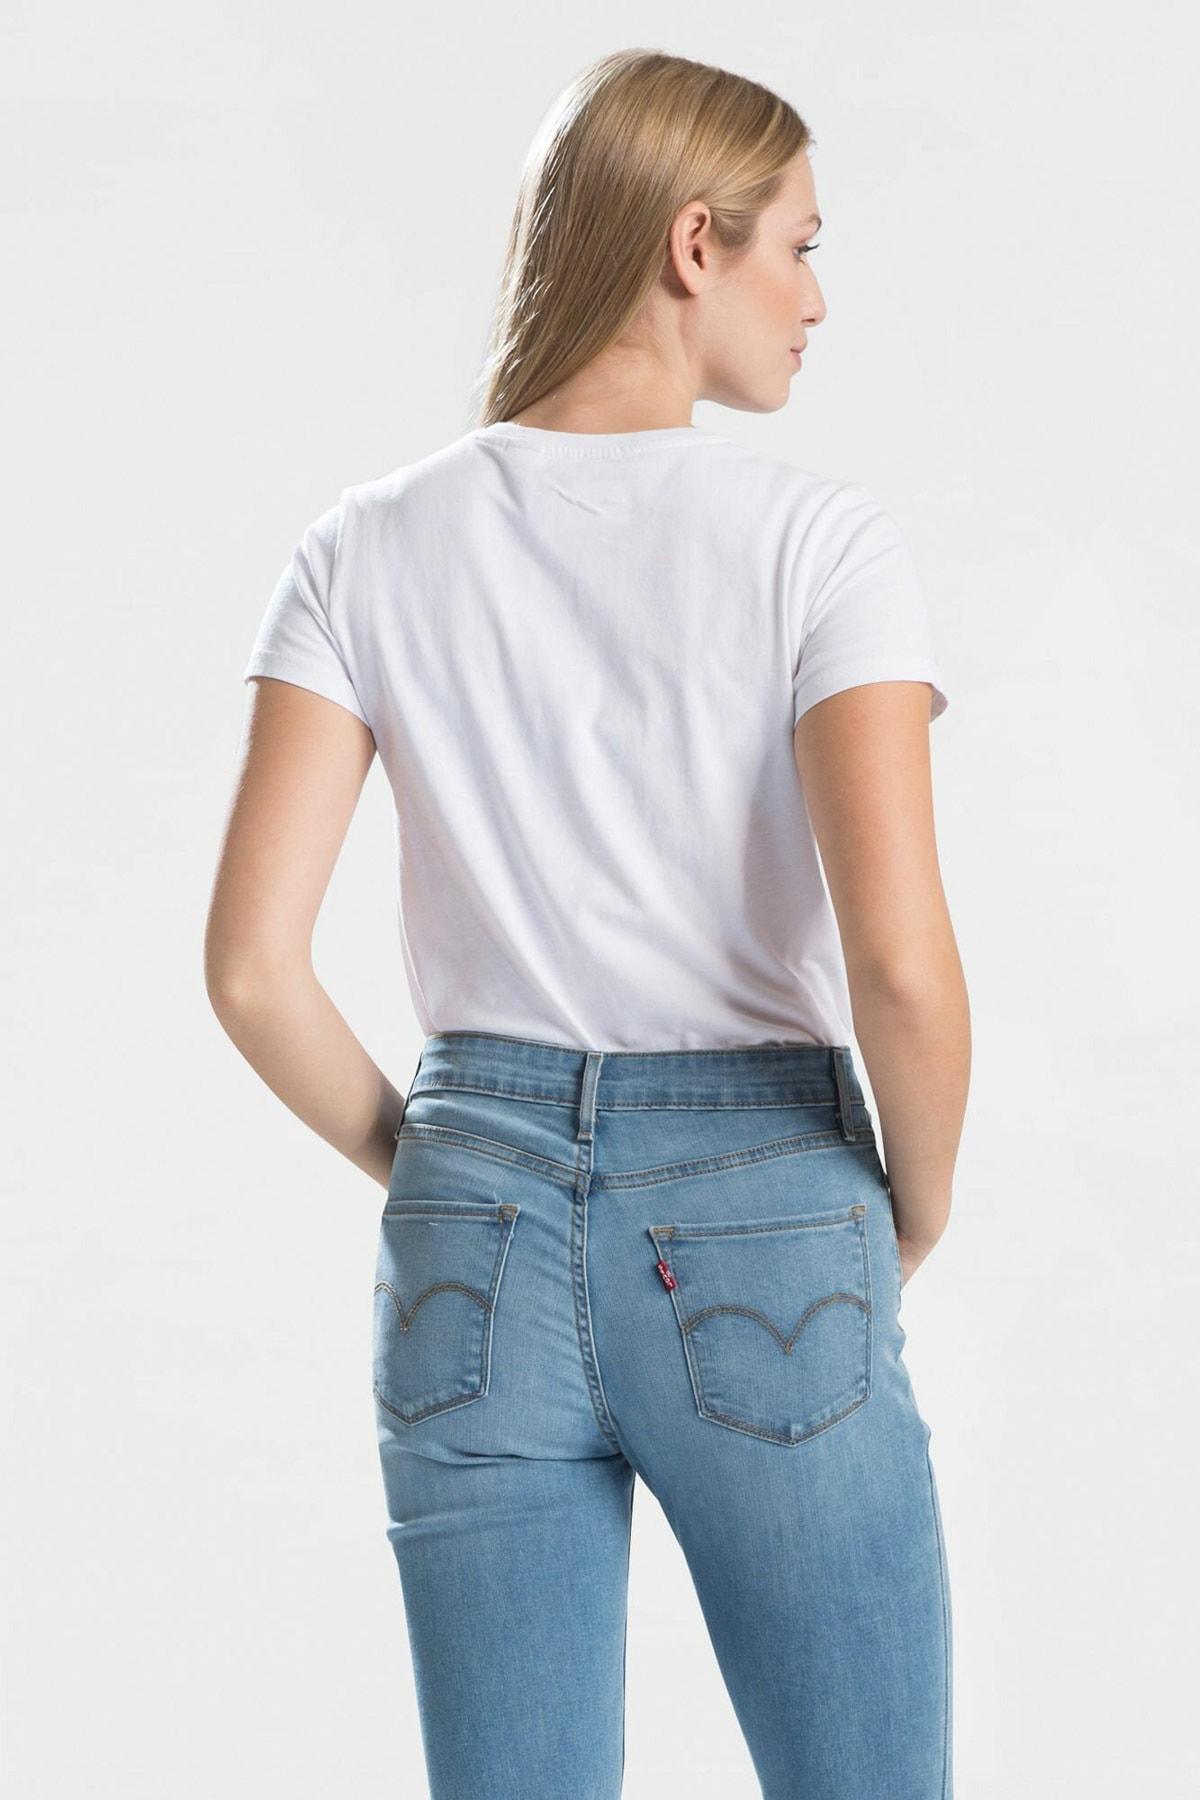 Levi's Kadın Perfect T-shirt 39185-0006 2